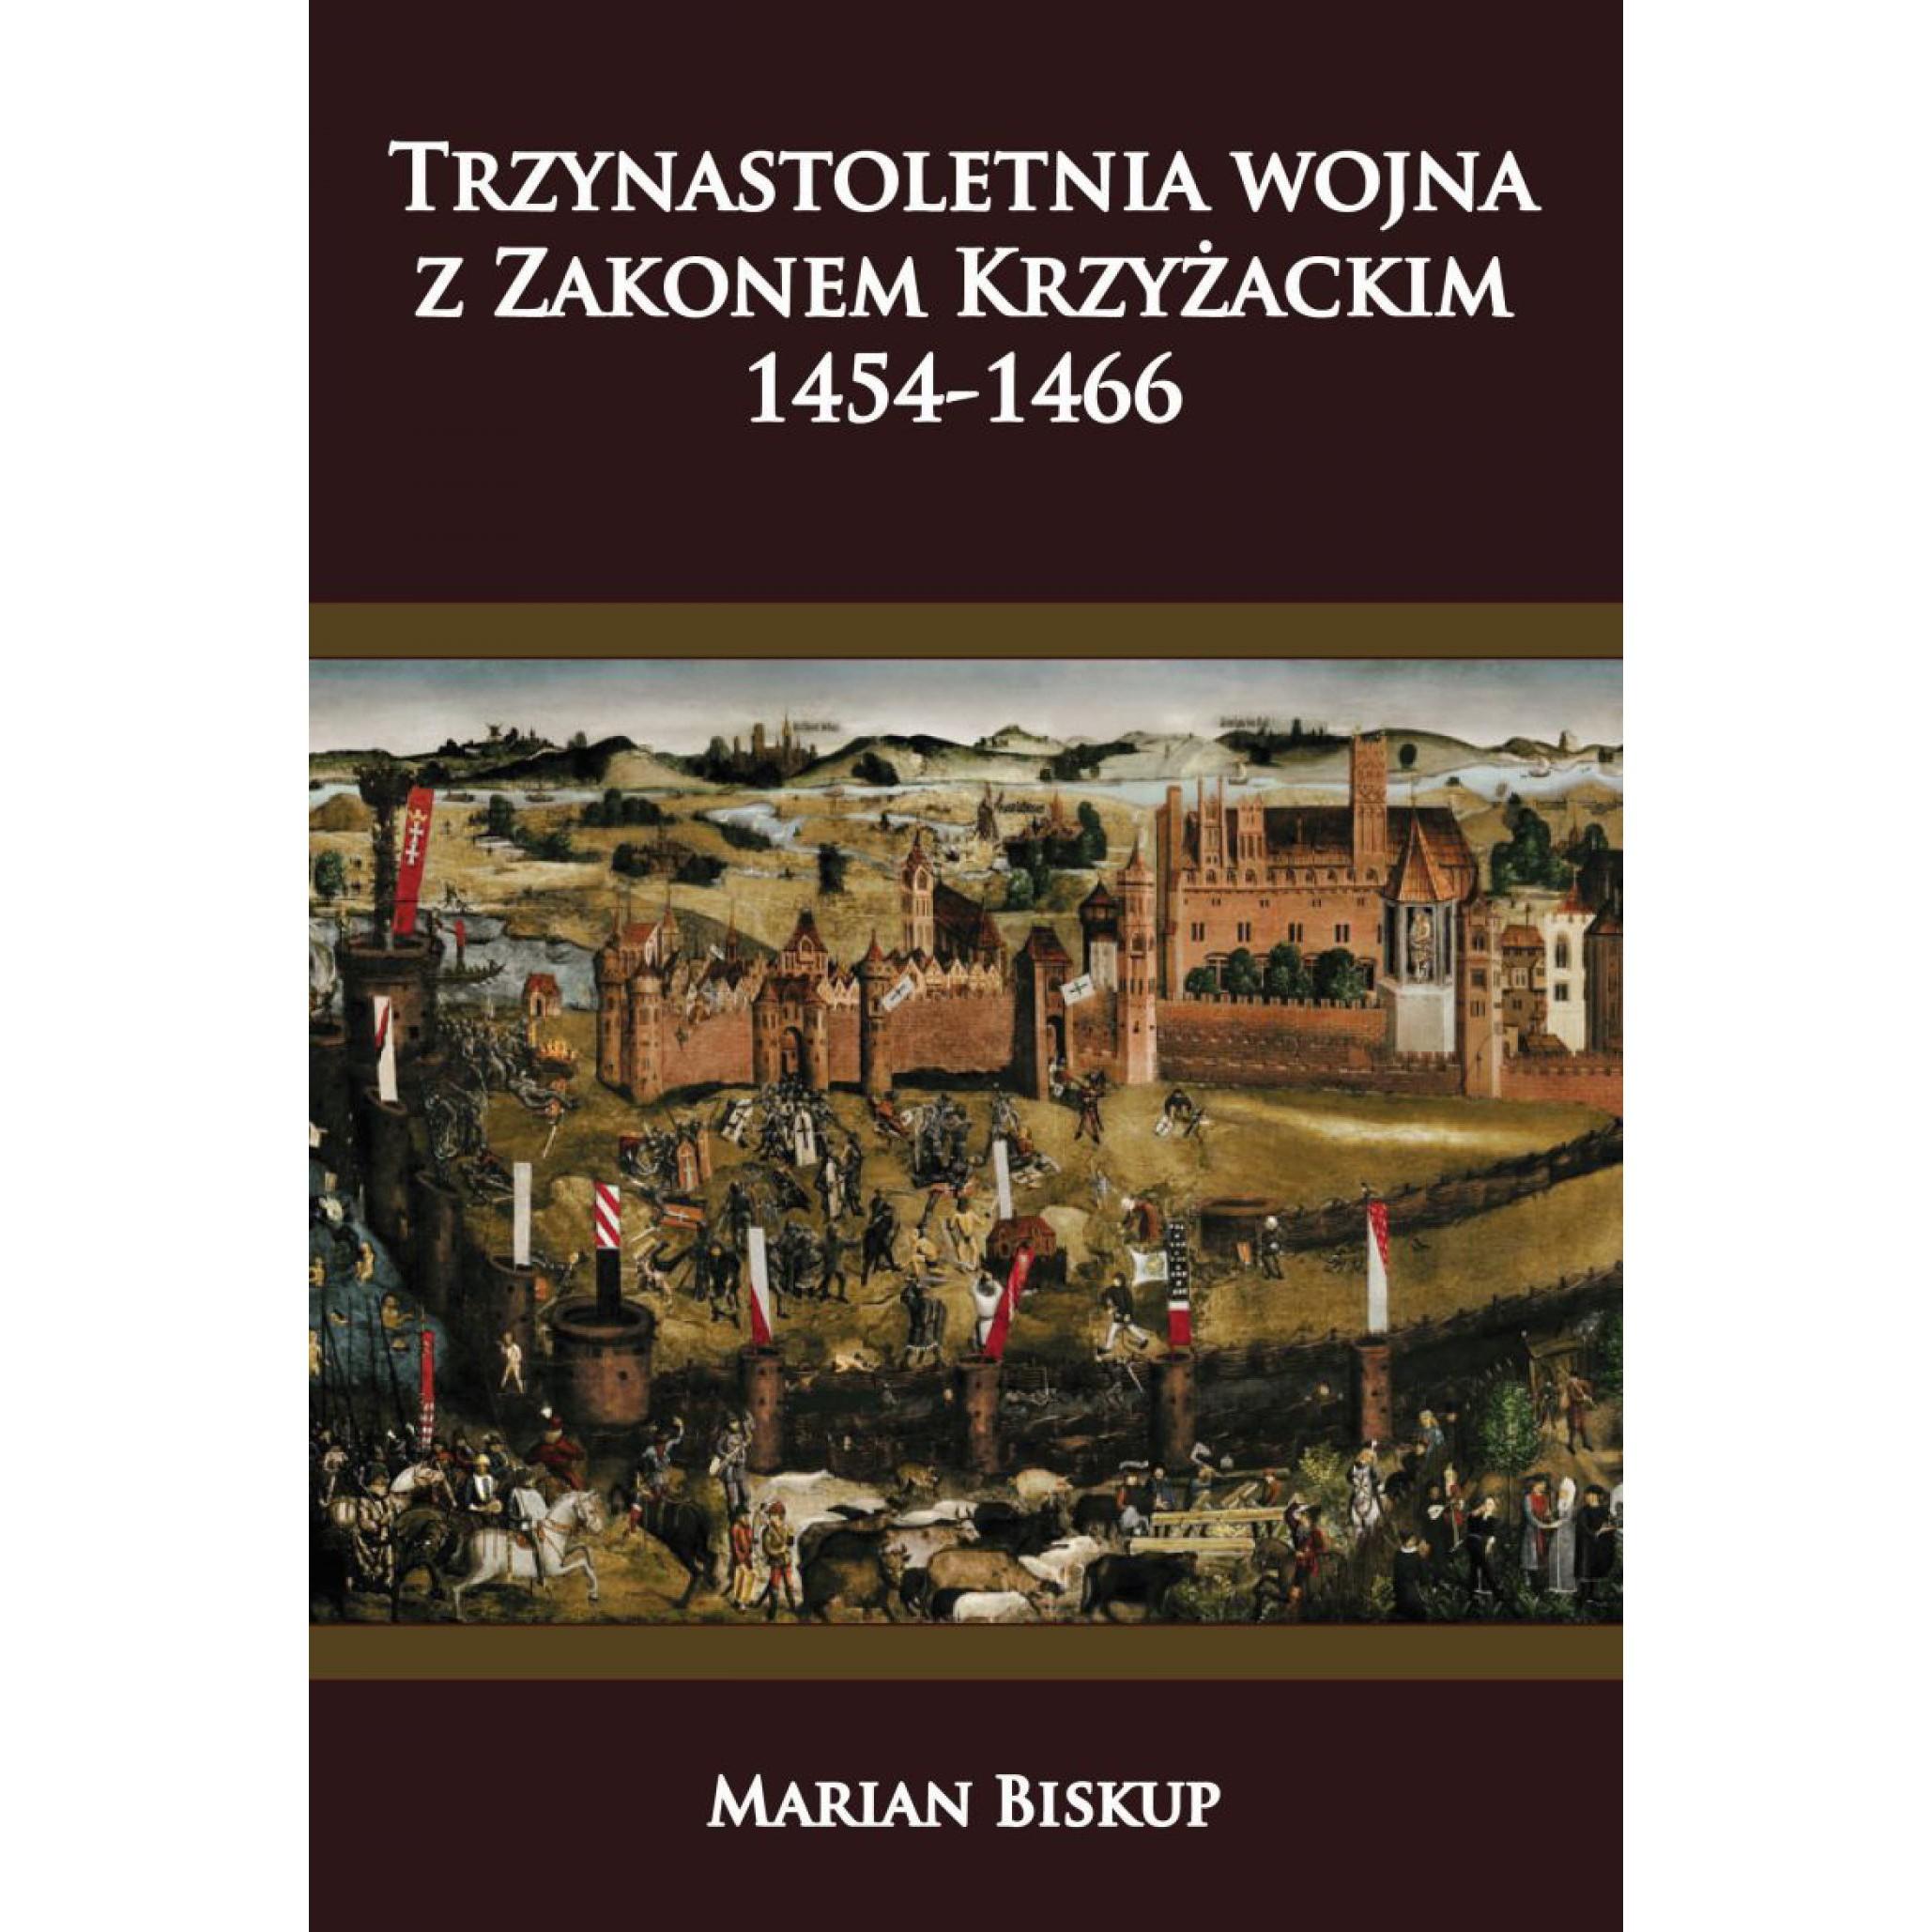 Trzynastoletnia wojna z Zakonem Krzyżackim 1454-1466